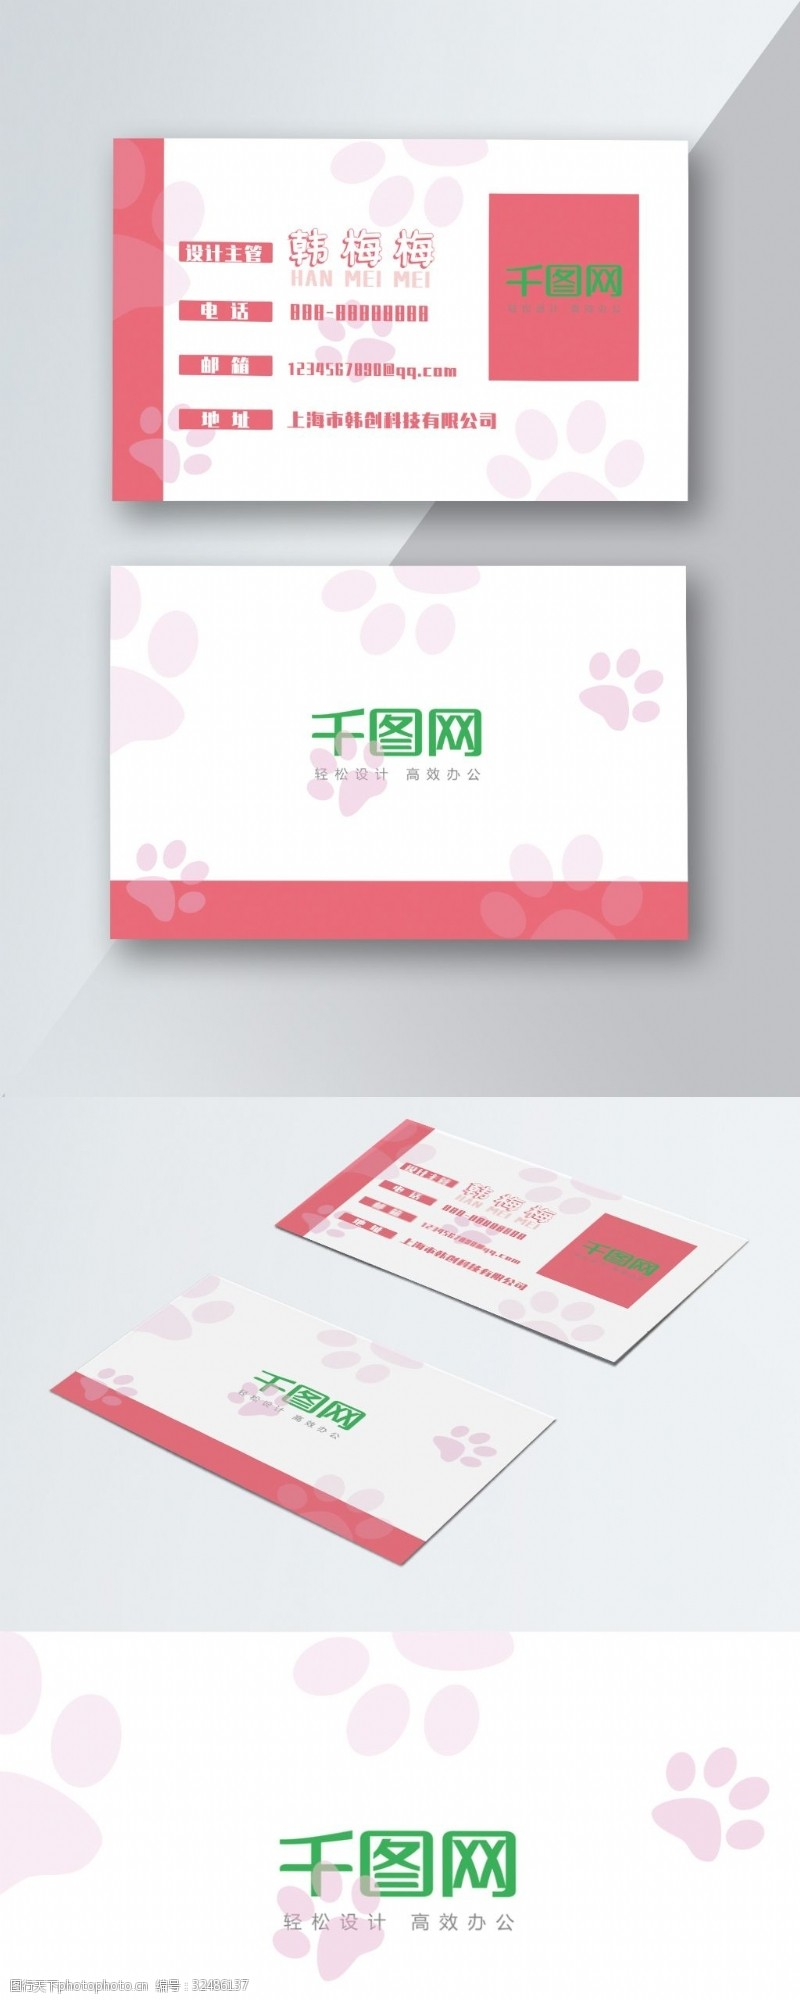 可爱动物宠物诊所名片